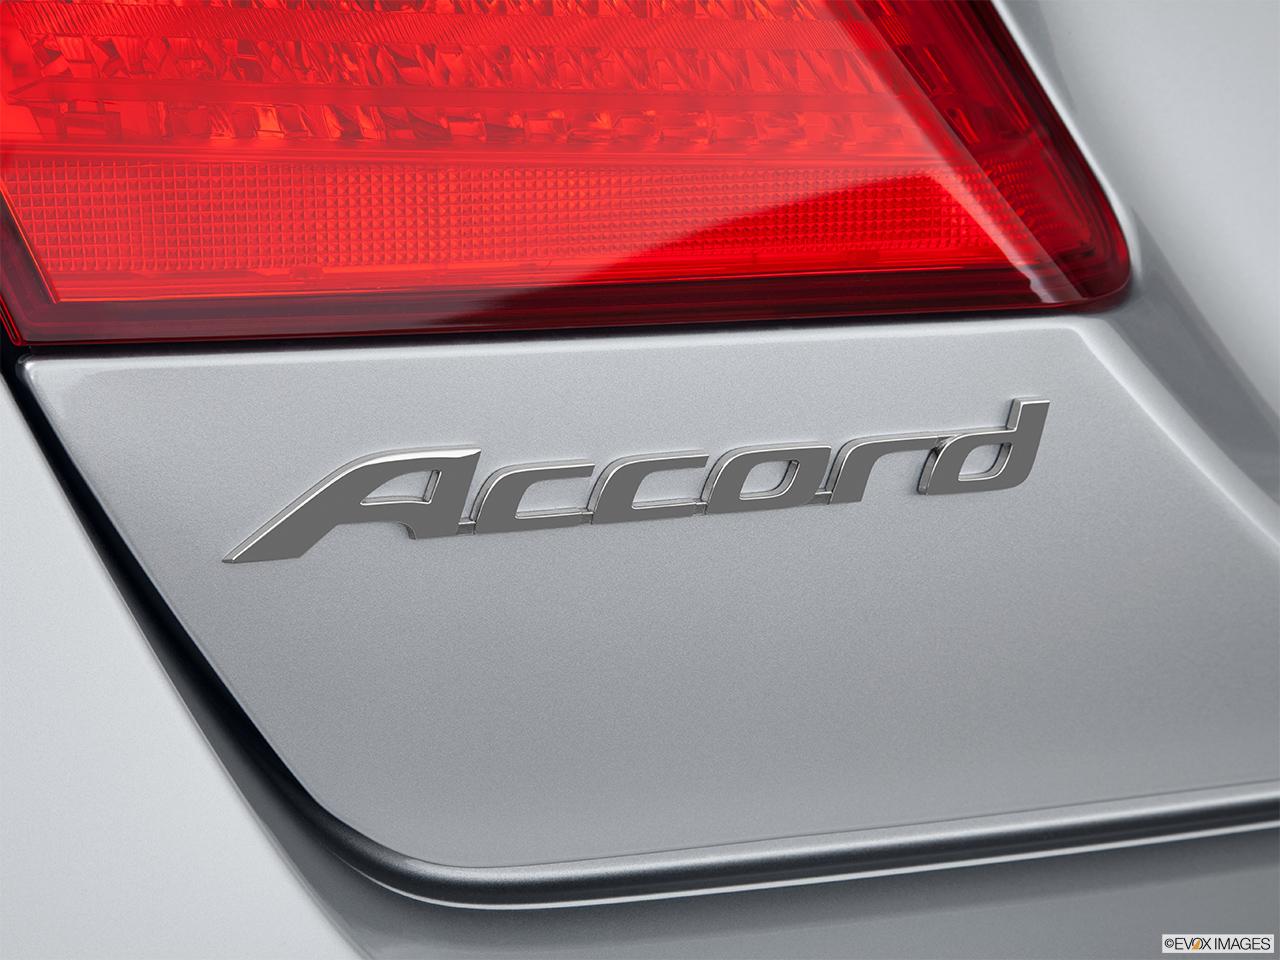 2015 Honda Accord Sedan I4 Manual Sport Rear Model Badge